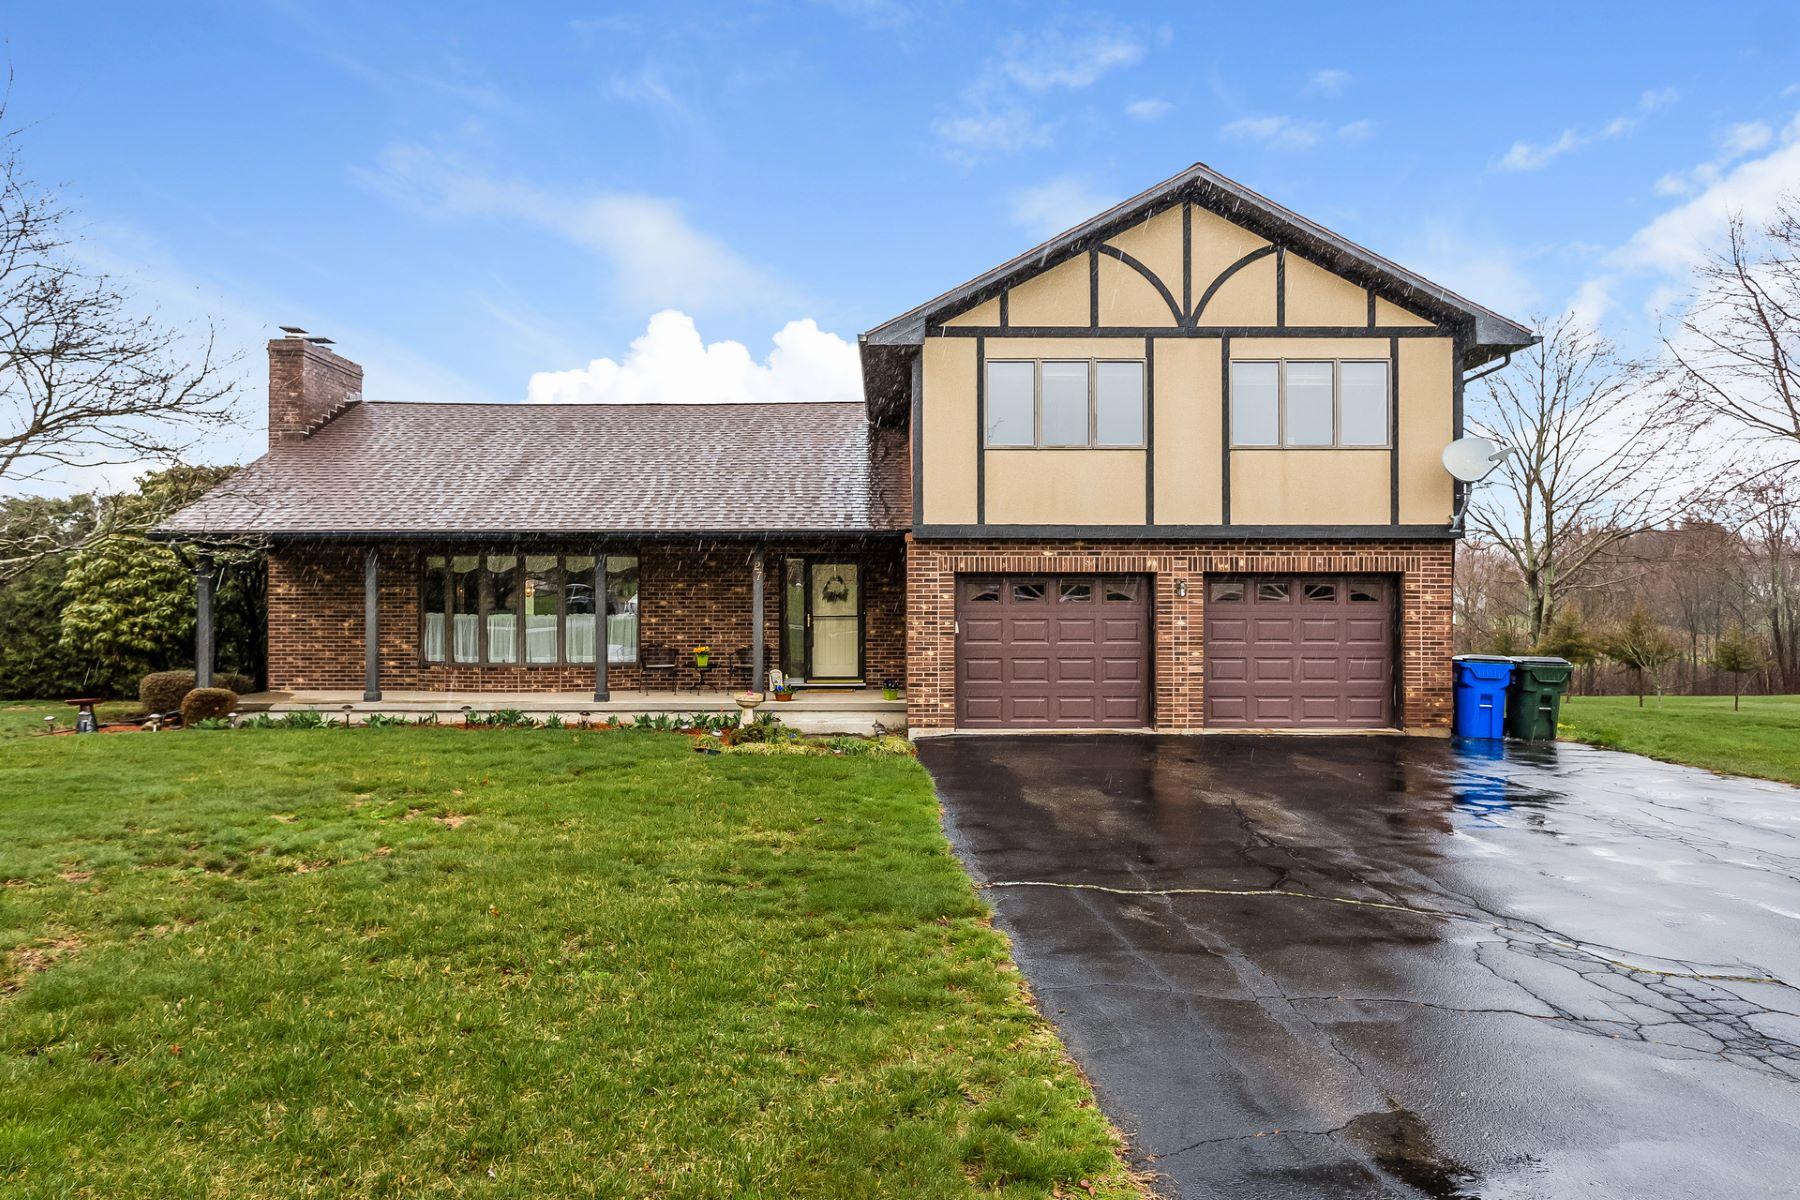 Maison unifamiliale pour l Vente à Welcoming Split Level Tudor 27 Northgate Rd Watertown, Connecticut 06795 États-Unis